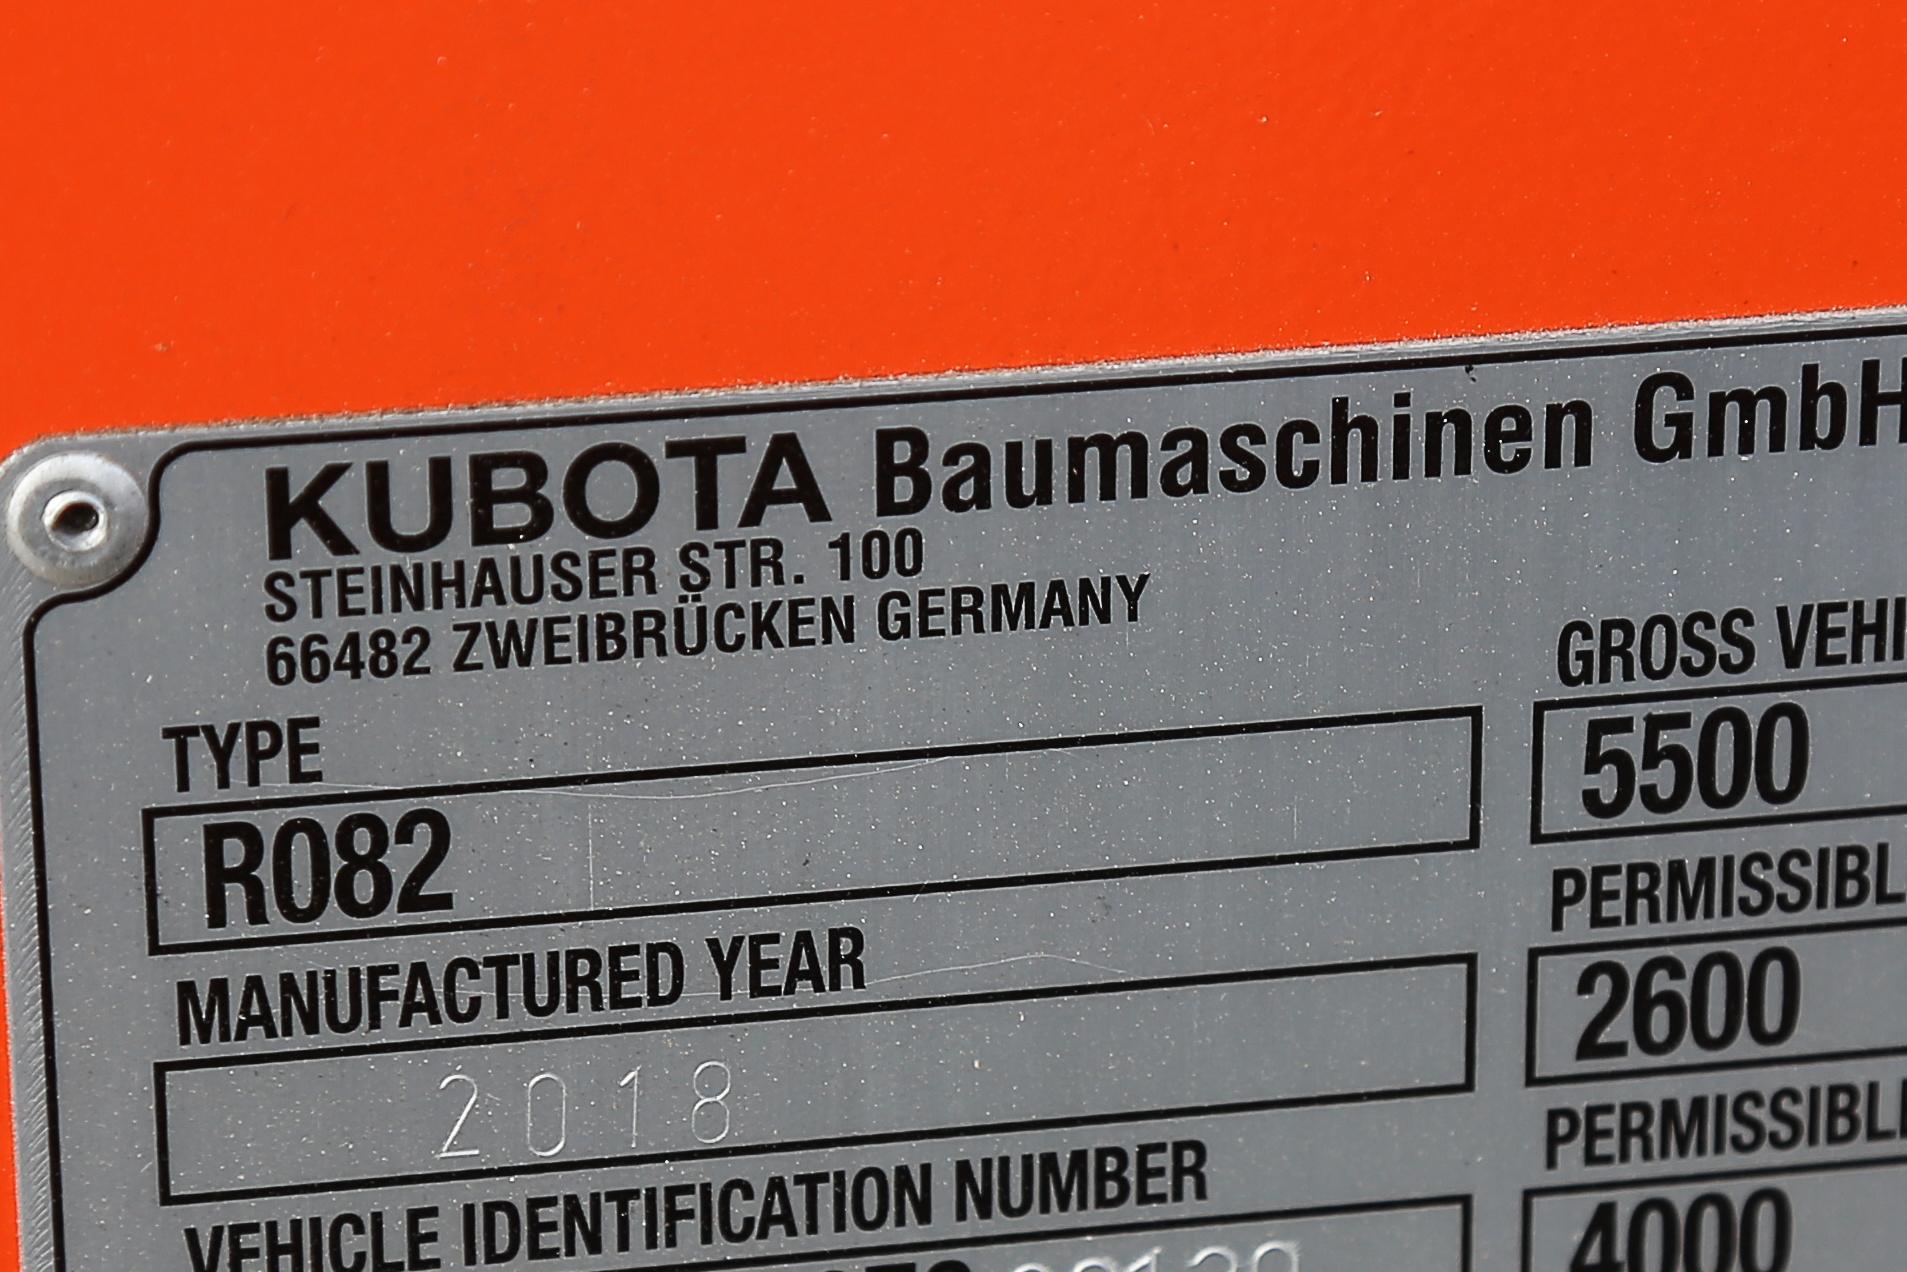 <p>Made in Germany. Voor de introductie van deze nieuwe wielladers bouwde Kubota een extra hal en productielijn in haar Duitse fabriek.</p>